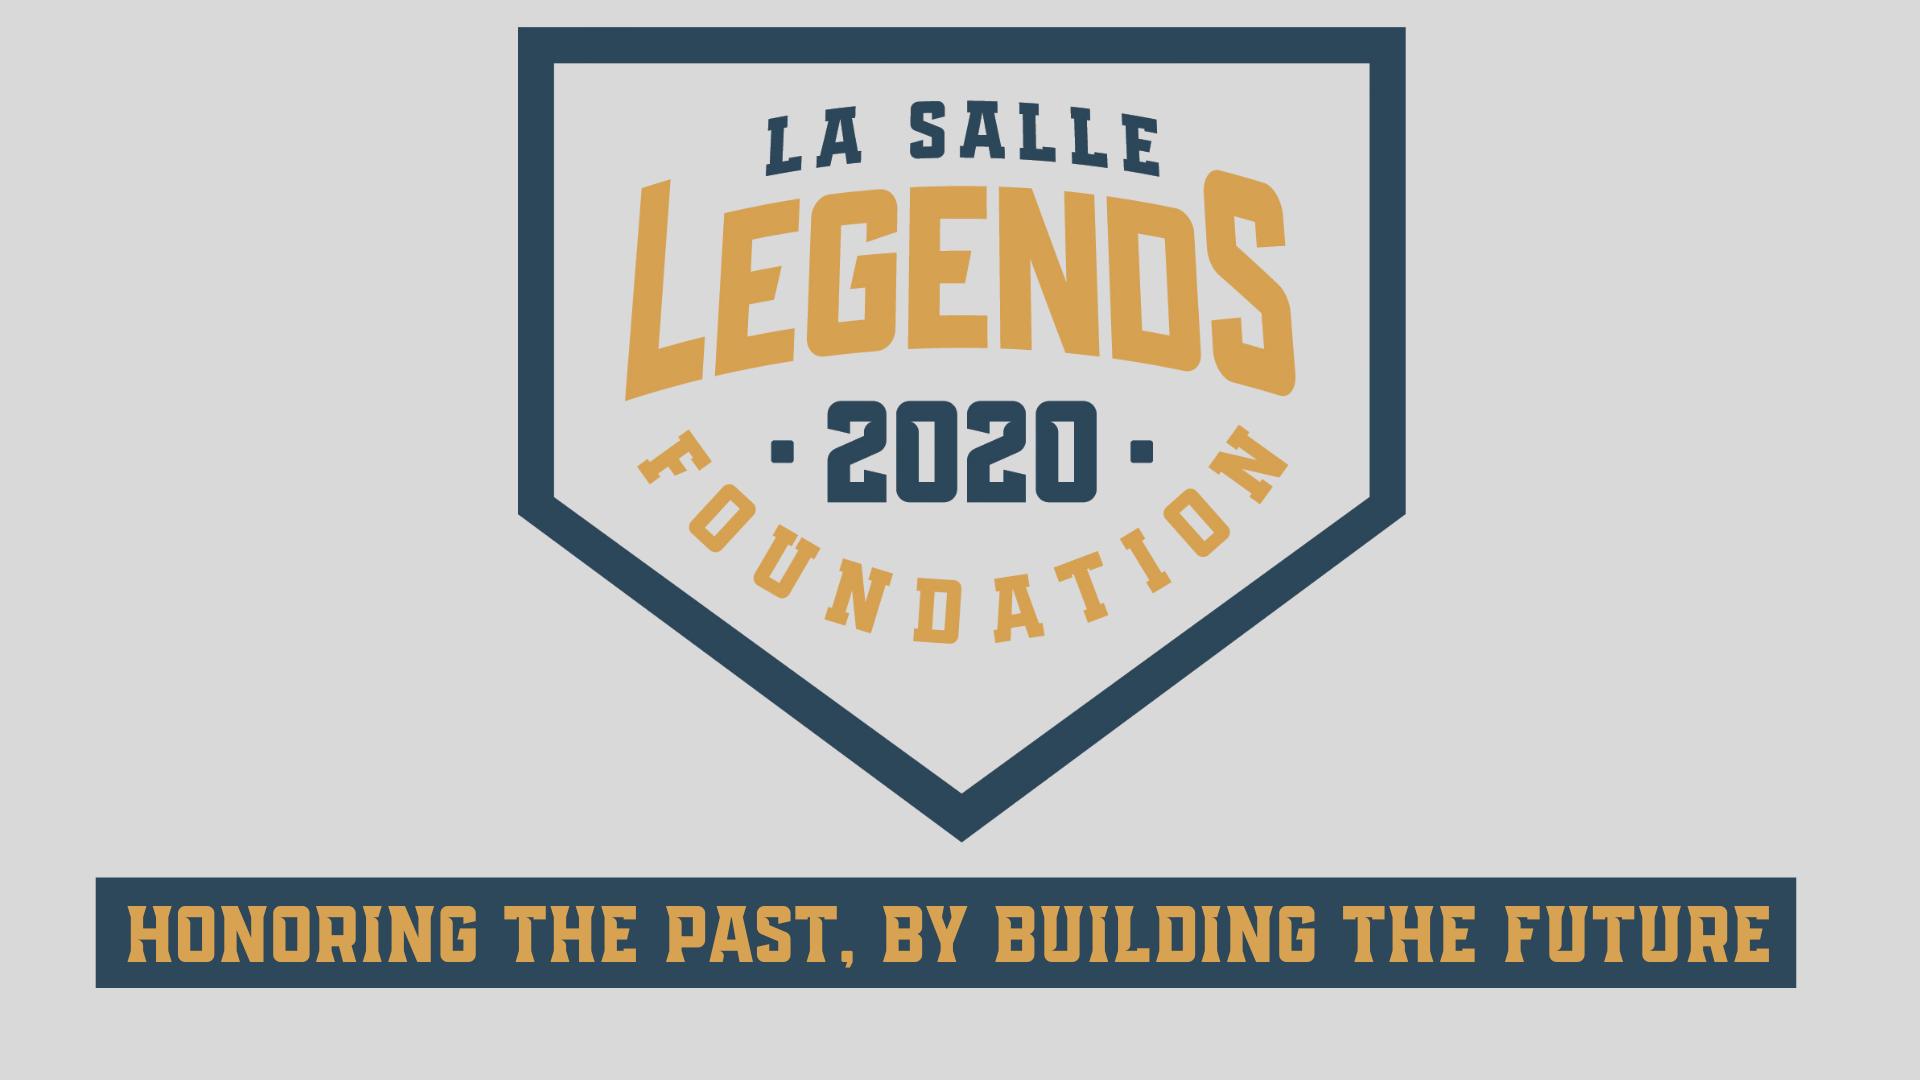 Announcing the La Salle Legends Foundation – @JamesSantore